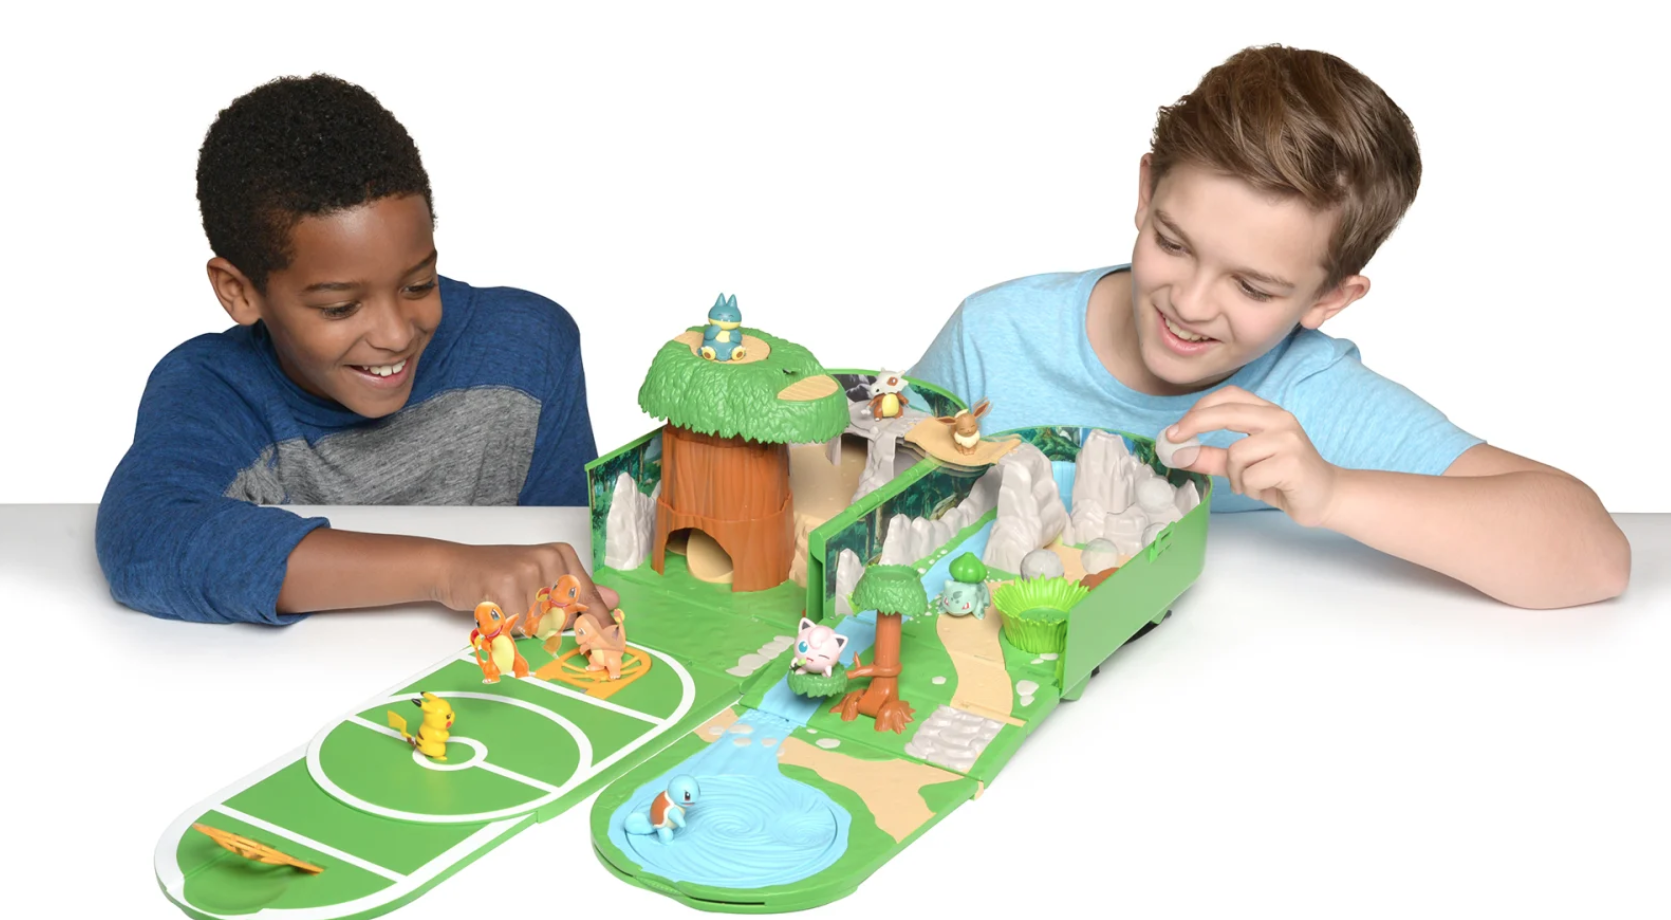 New Pokémon toys - Wicked Cool Toys